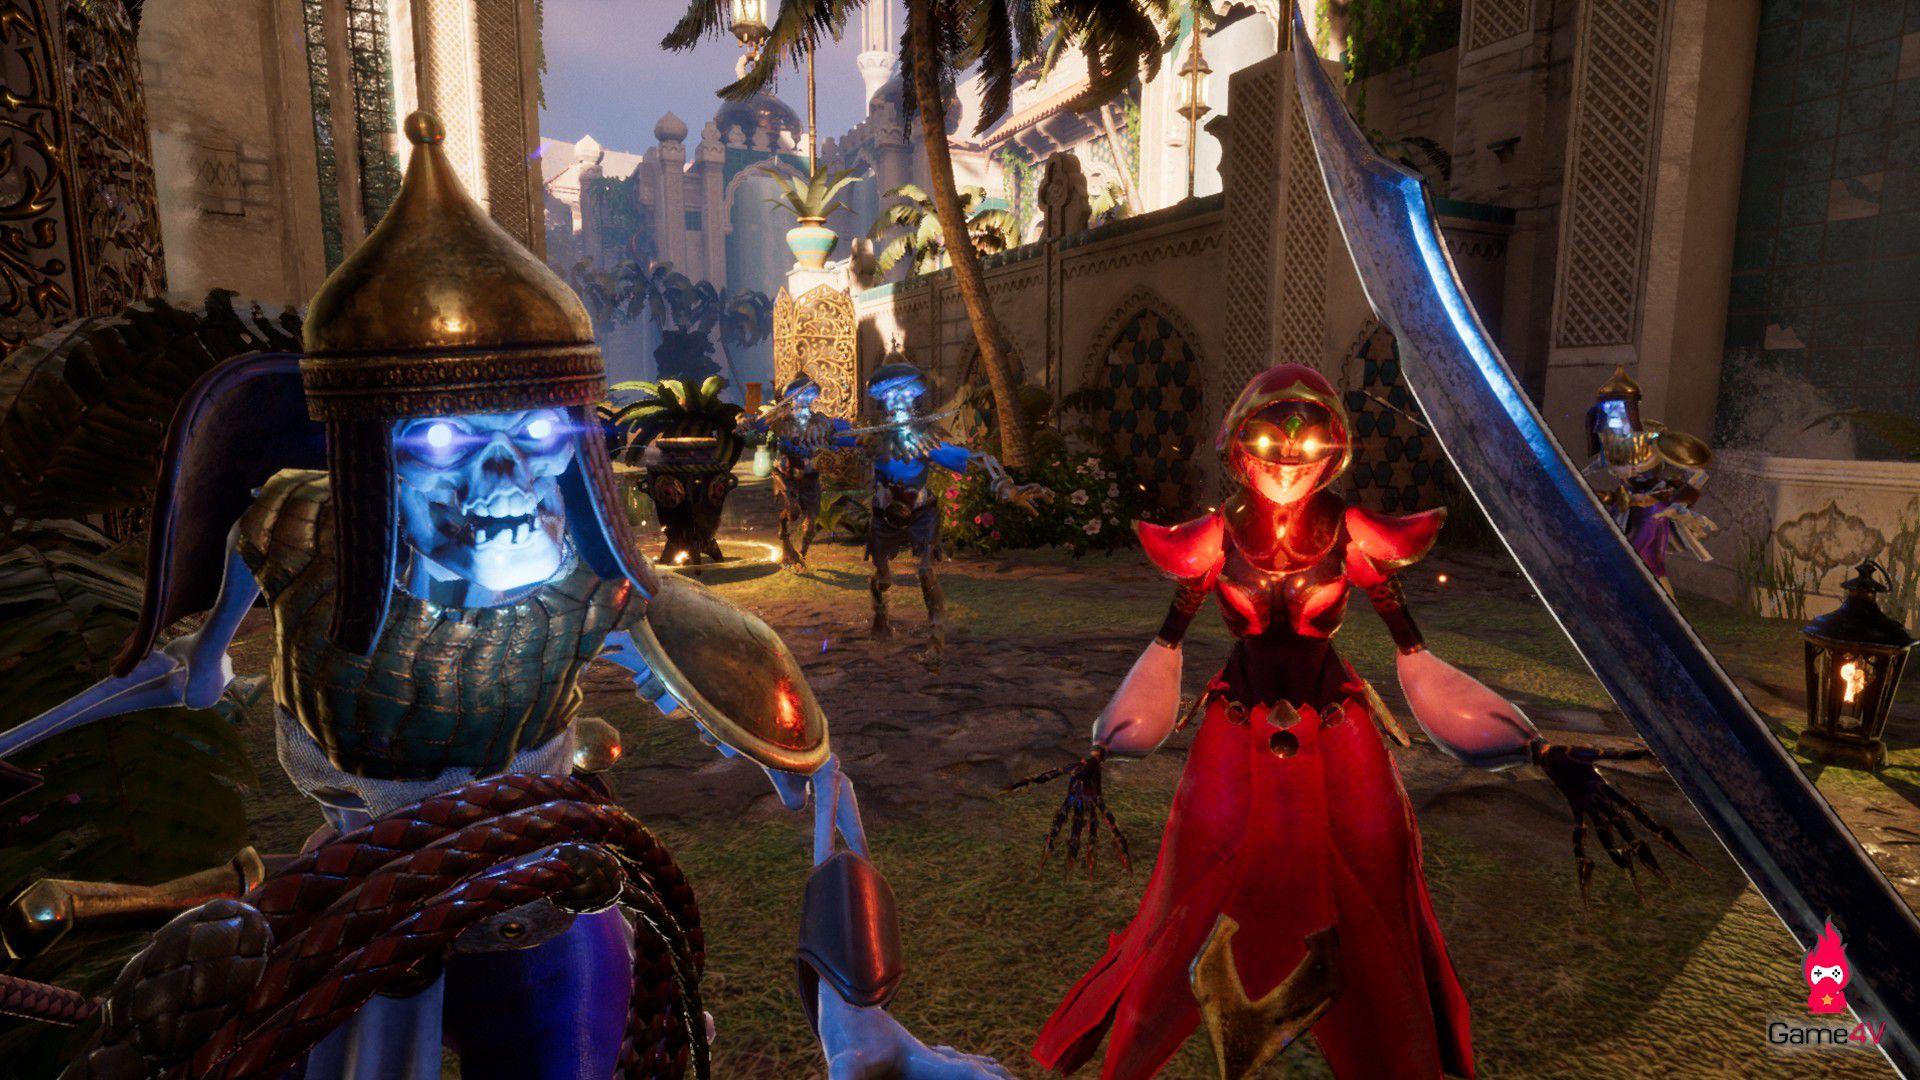 Hướng dẫn cách nhận miễn phí tựa game hành động City of Brass (2)